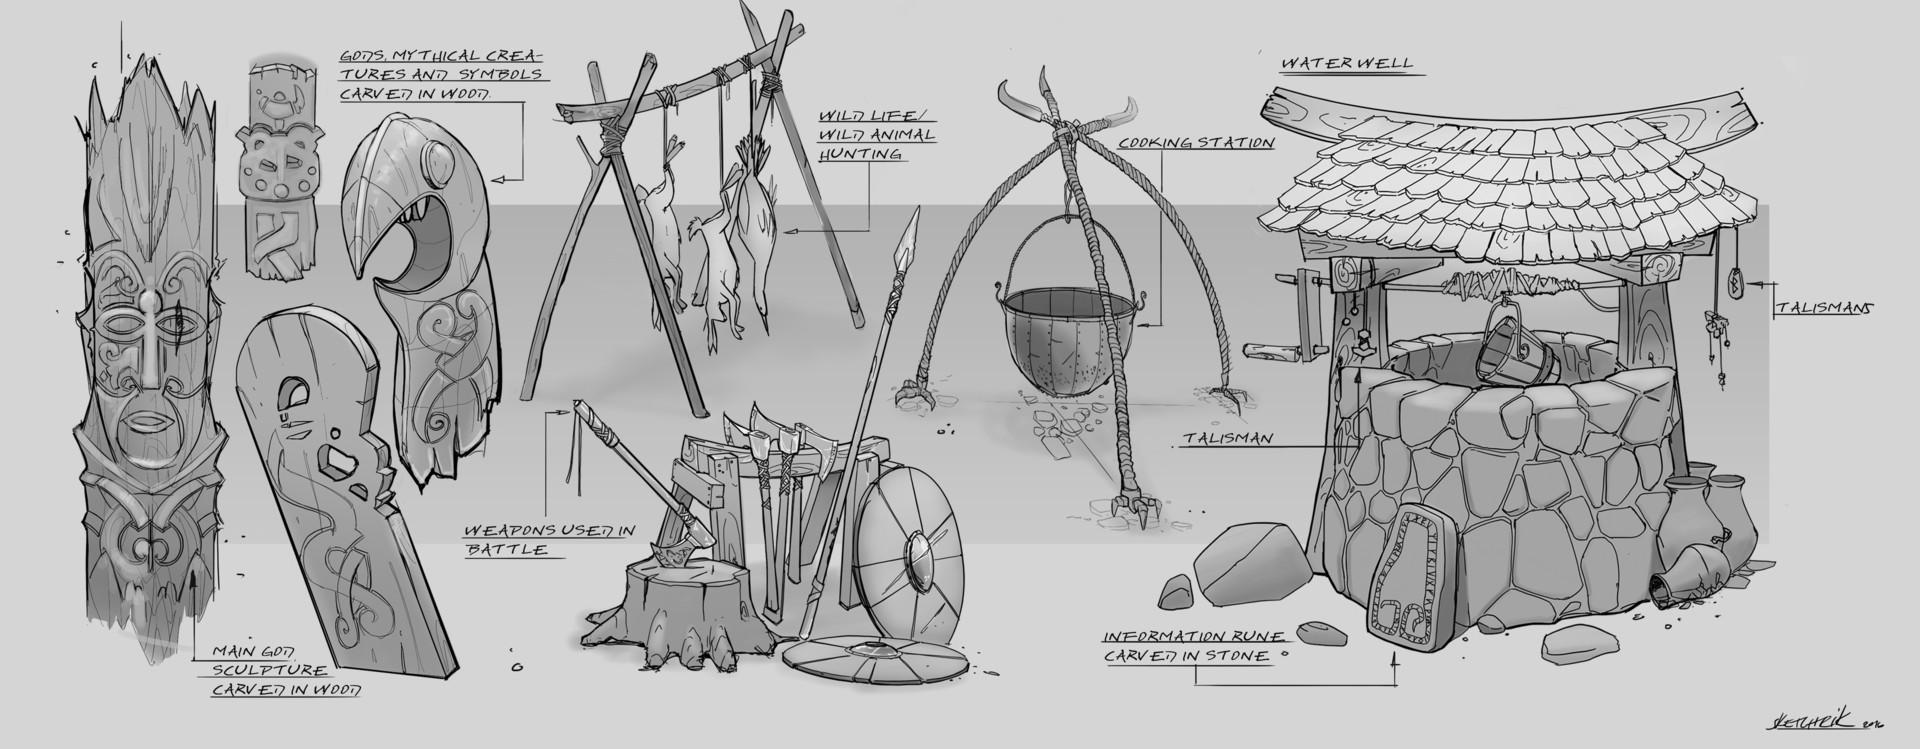 Henrik lundblx viking artifact